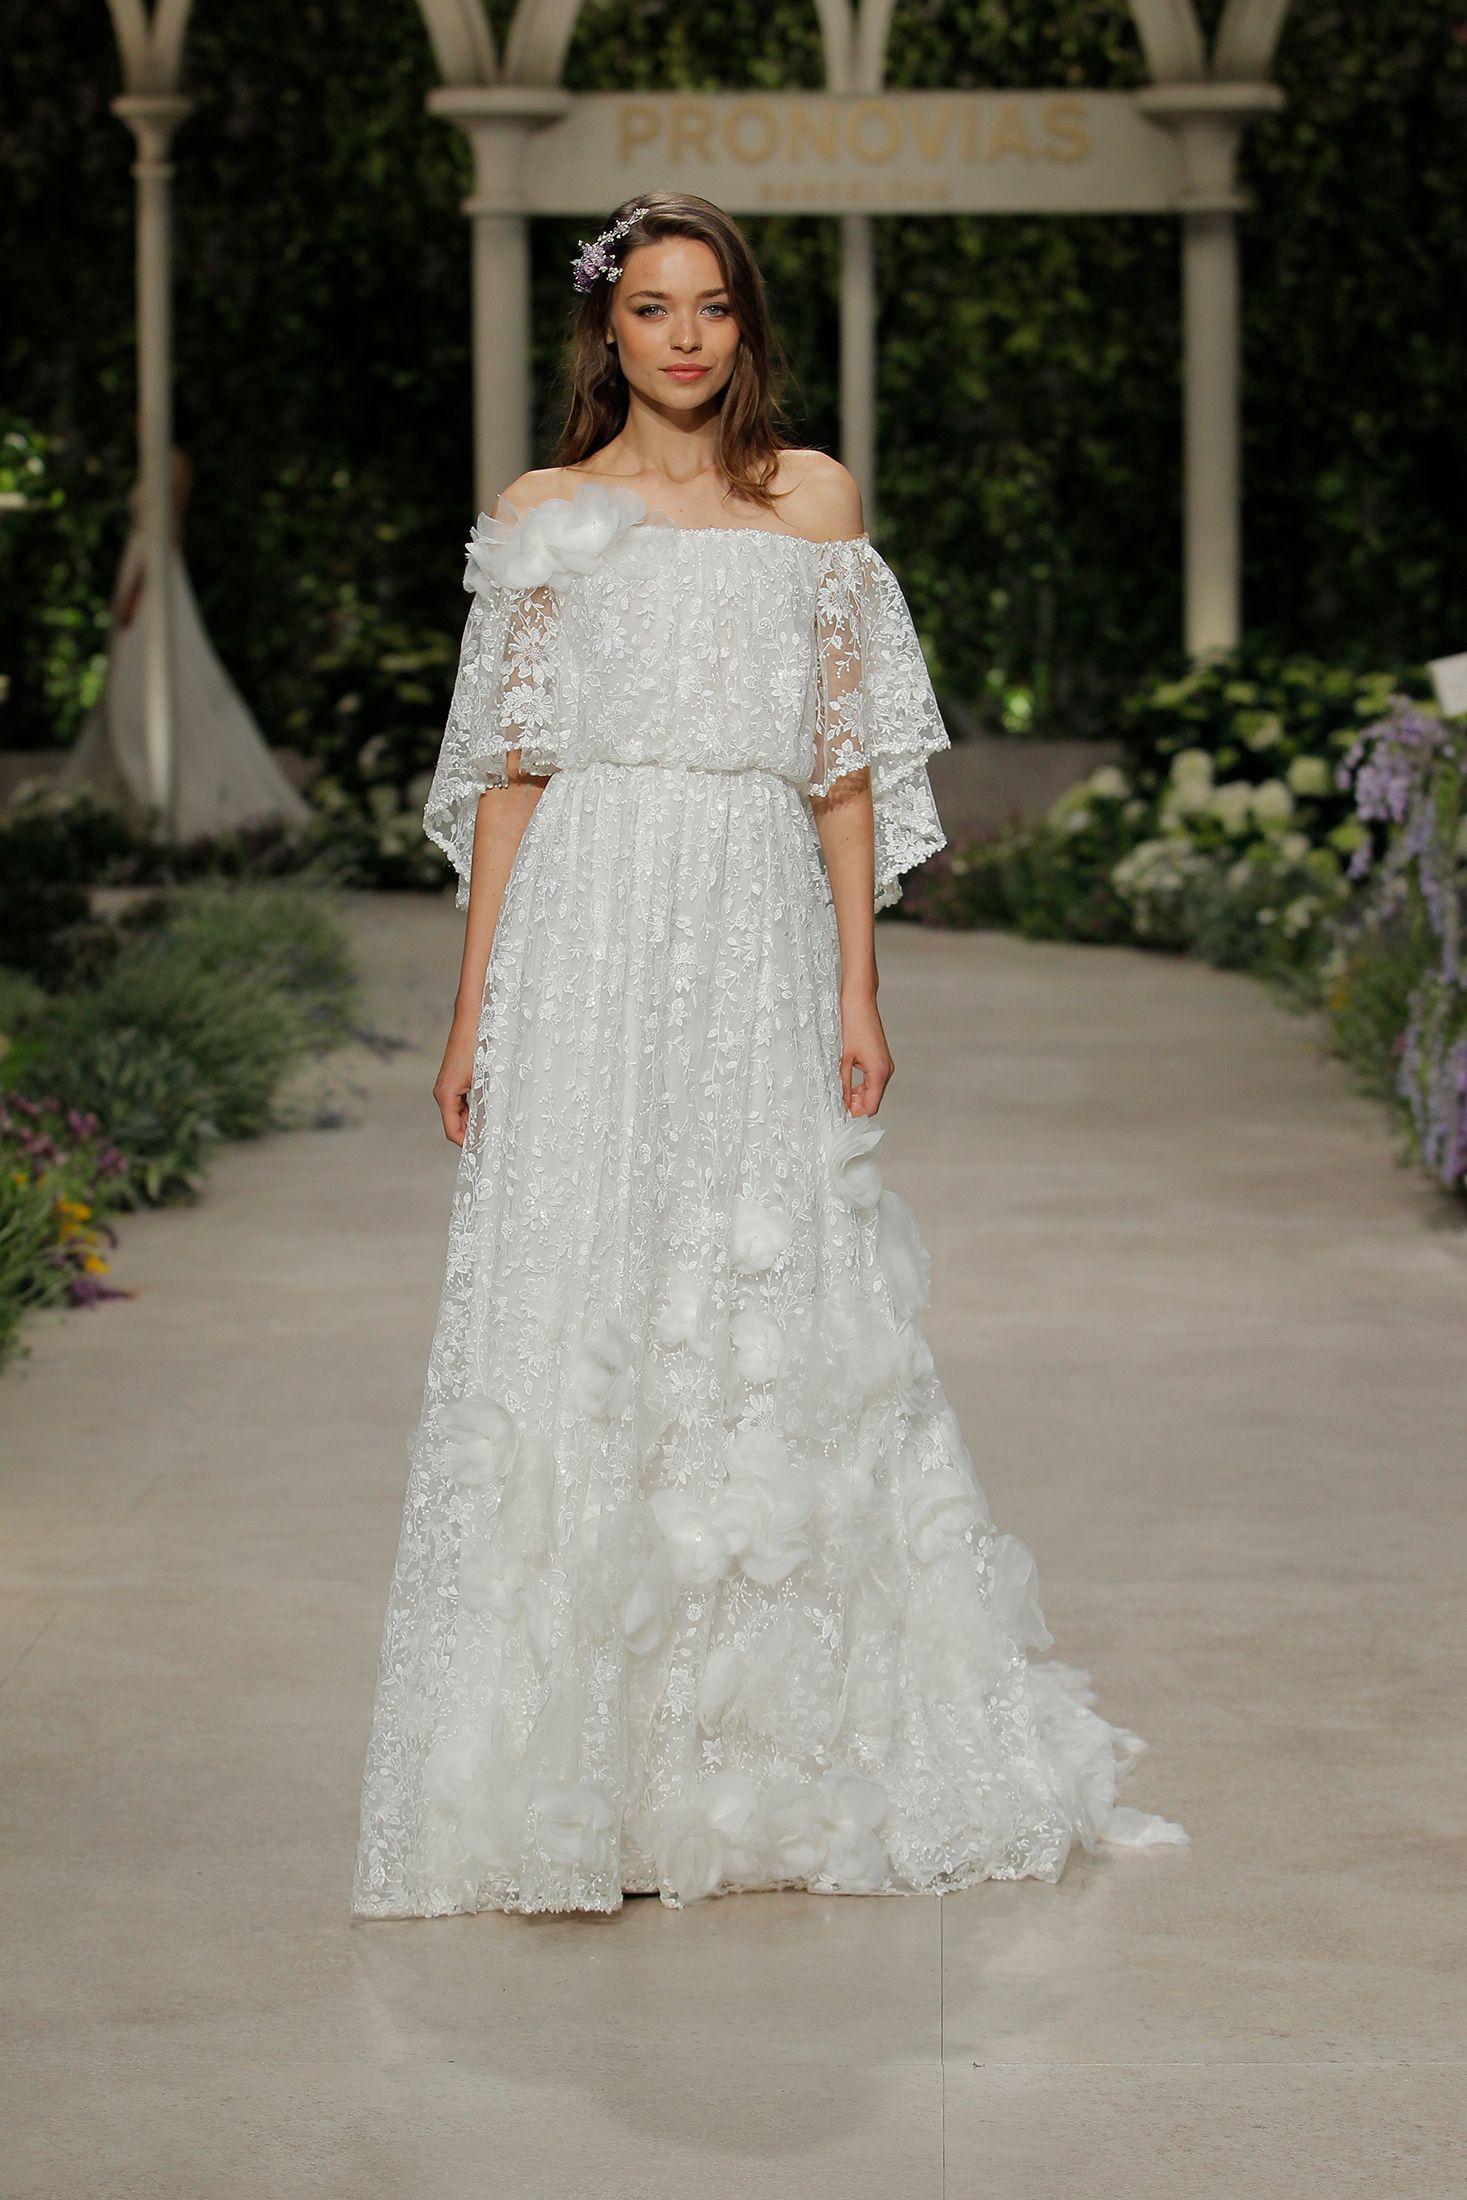 d1e90c38ecd Vestido de Novia de Atelier Pronovias - PR 017  wedding  bodas  boda ...